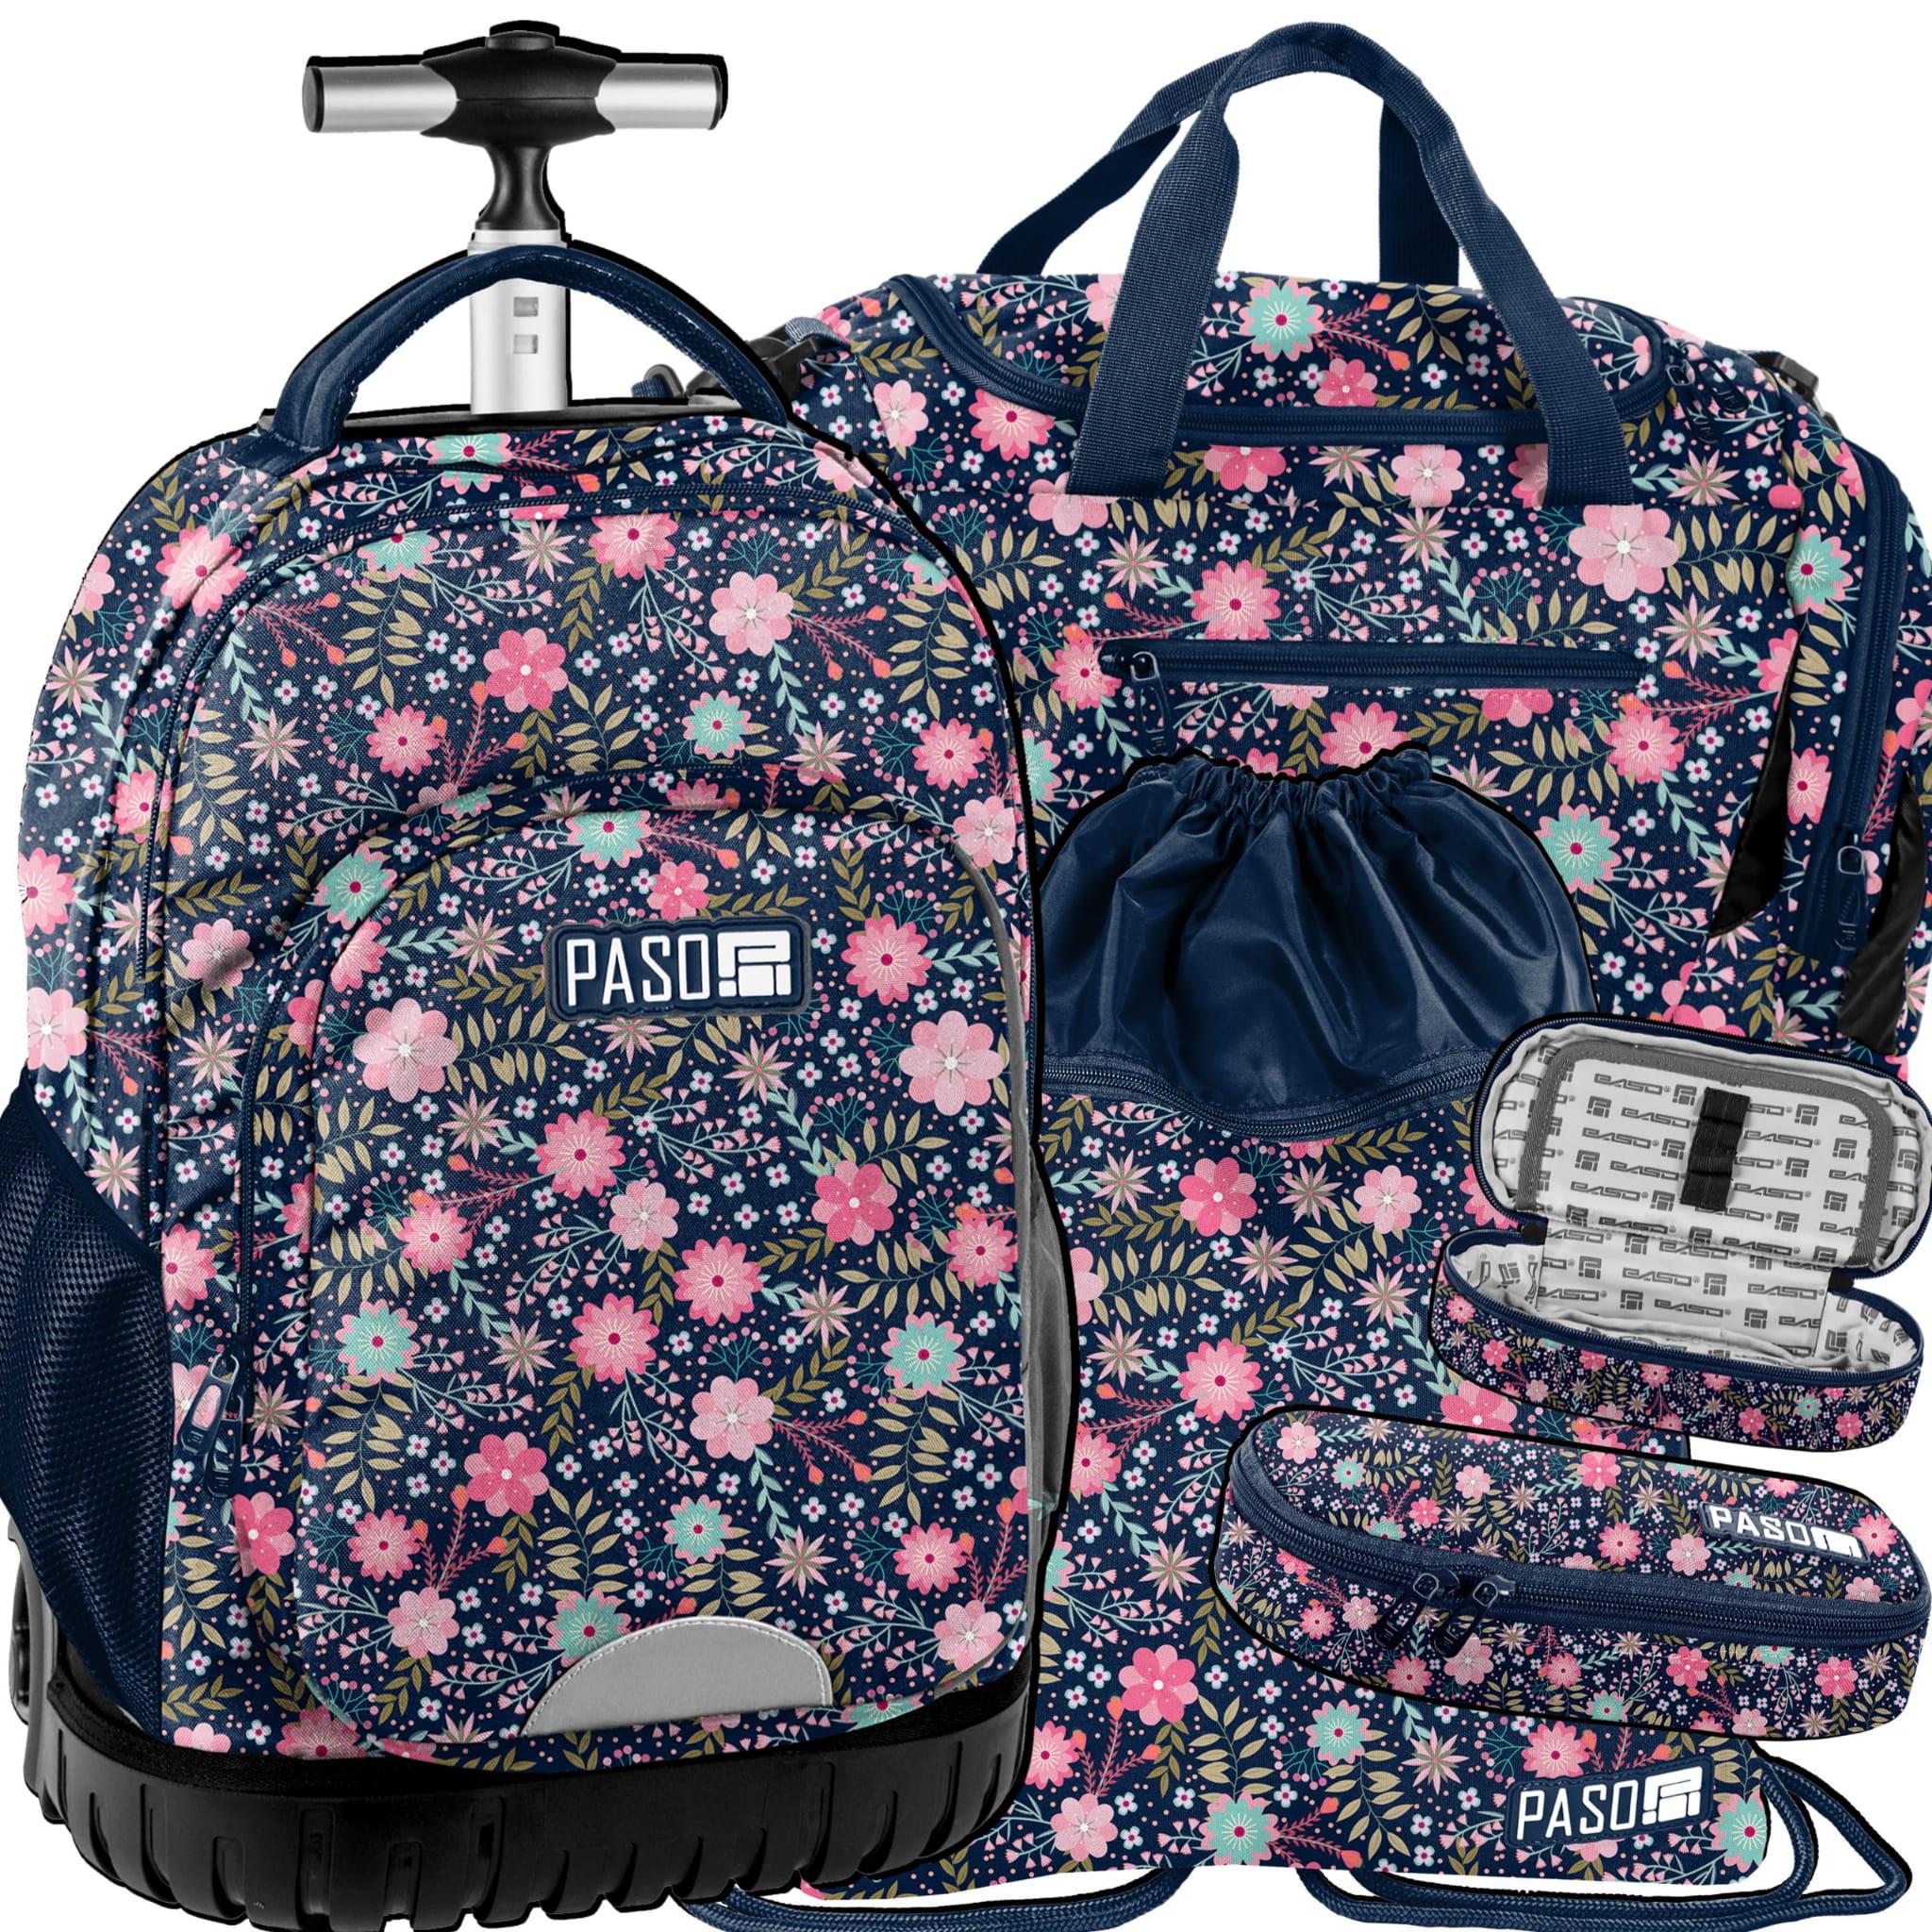 59d41bc71d49cd Zestaw młodzieżowy 4-elementowy PASO, plecak szkolny na kółkach ...